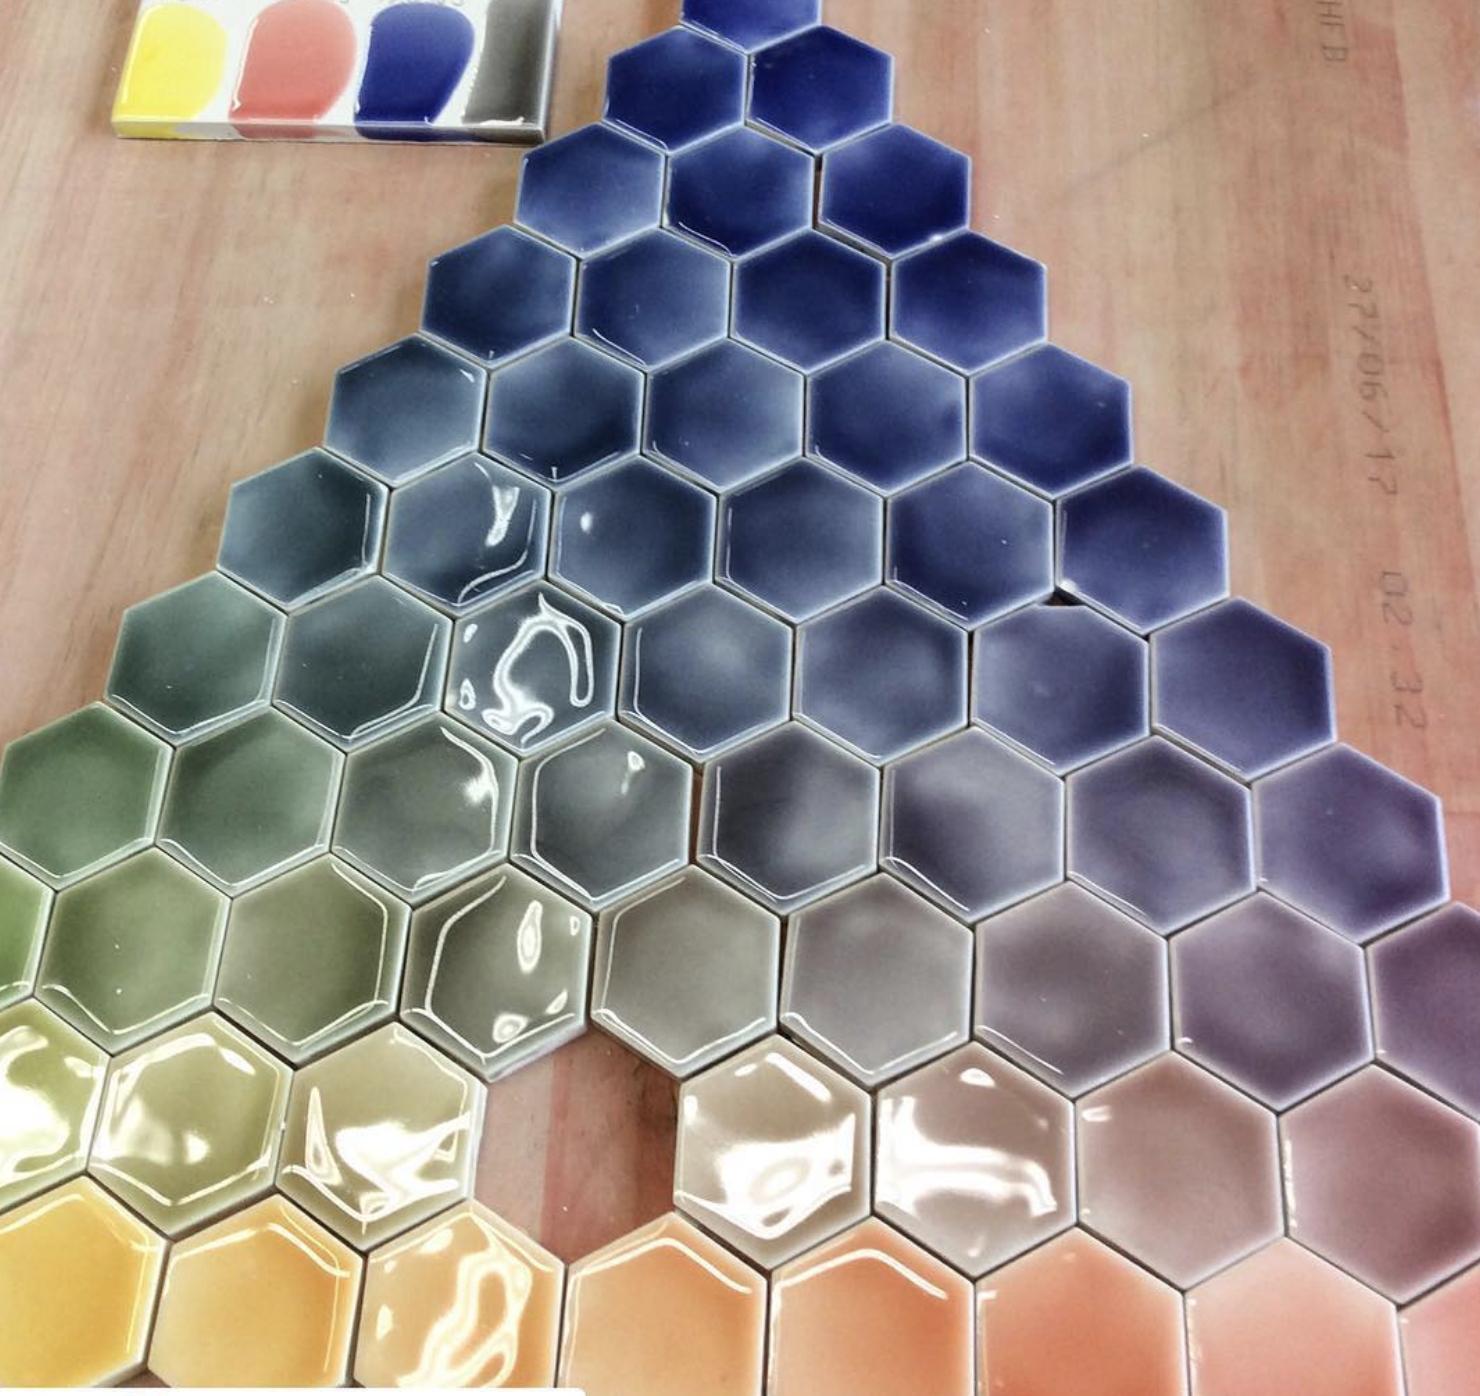 Pratt & Larson rainbow tiles